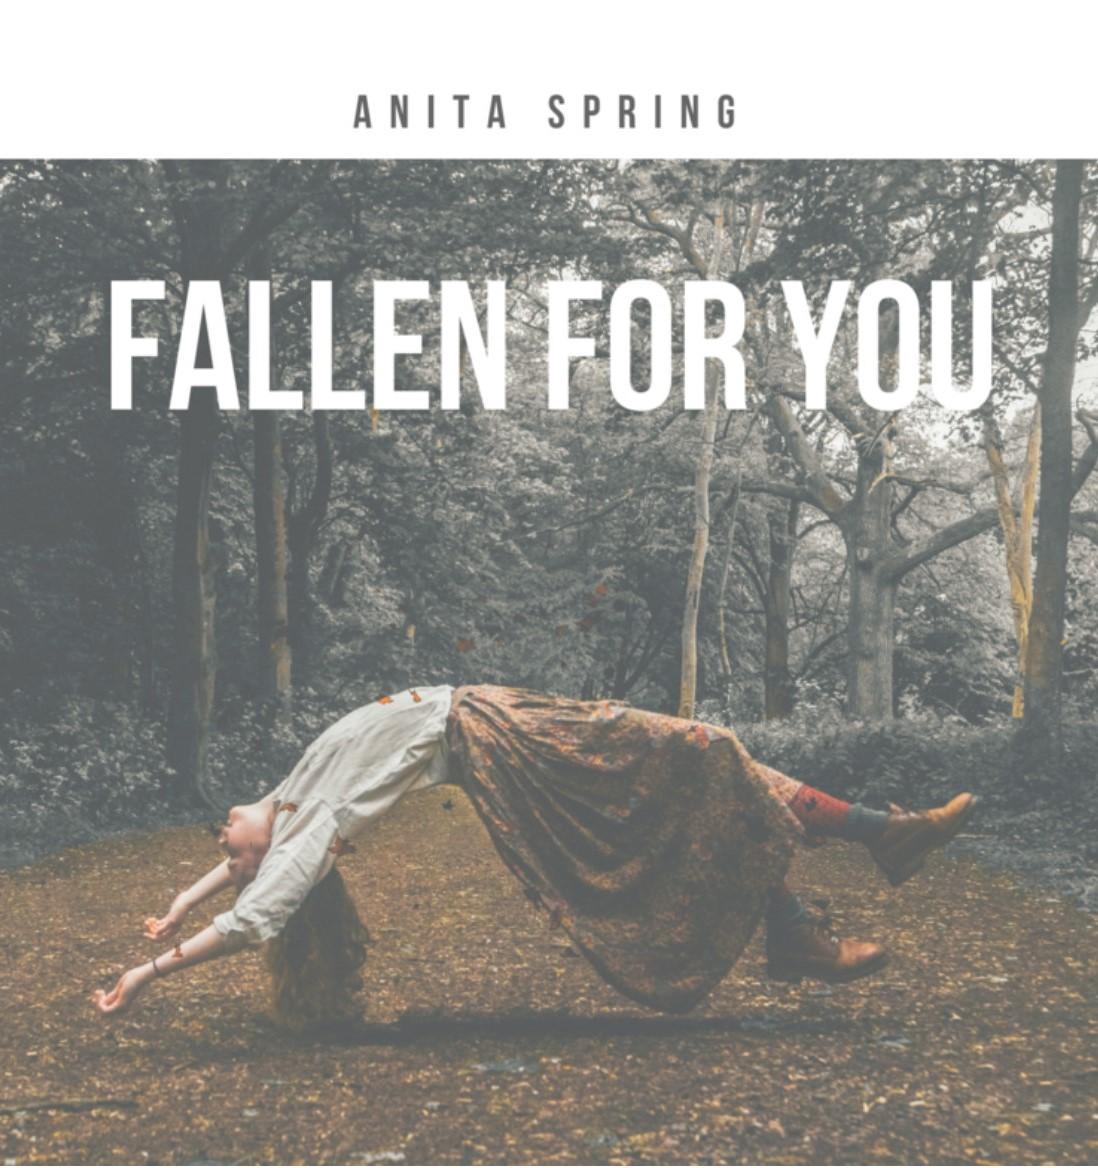 """Anita Spring, Australian singer/songwriter releases country music single """"Fallen for you"""".jpg,"""